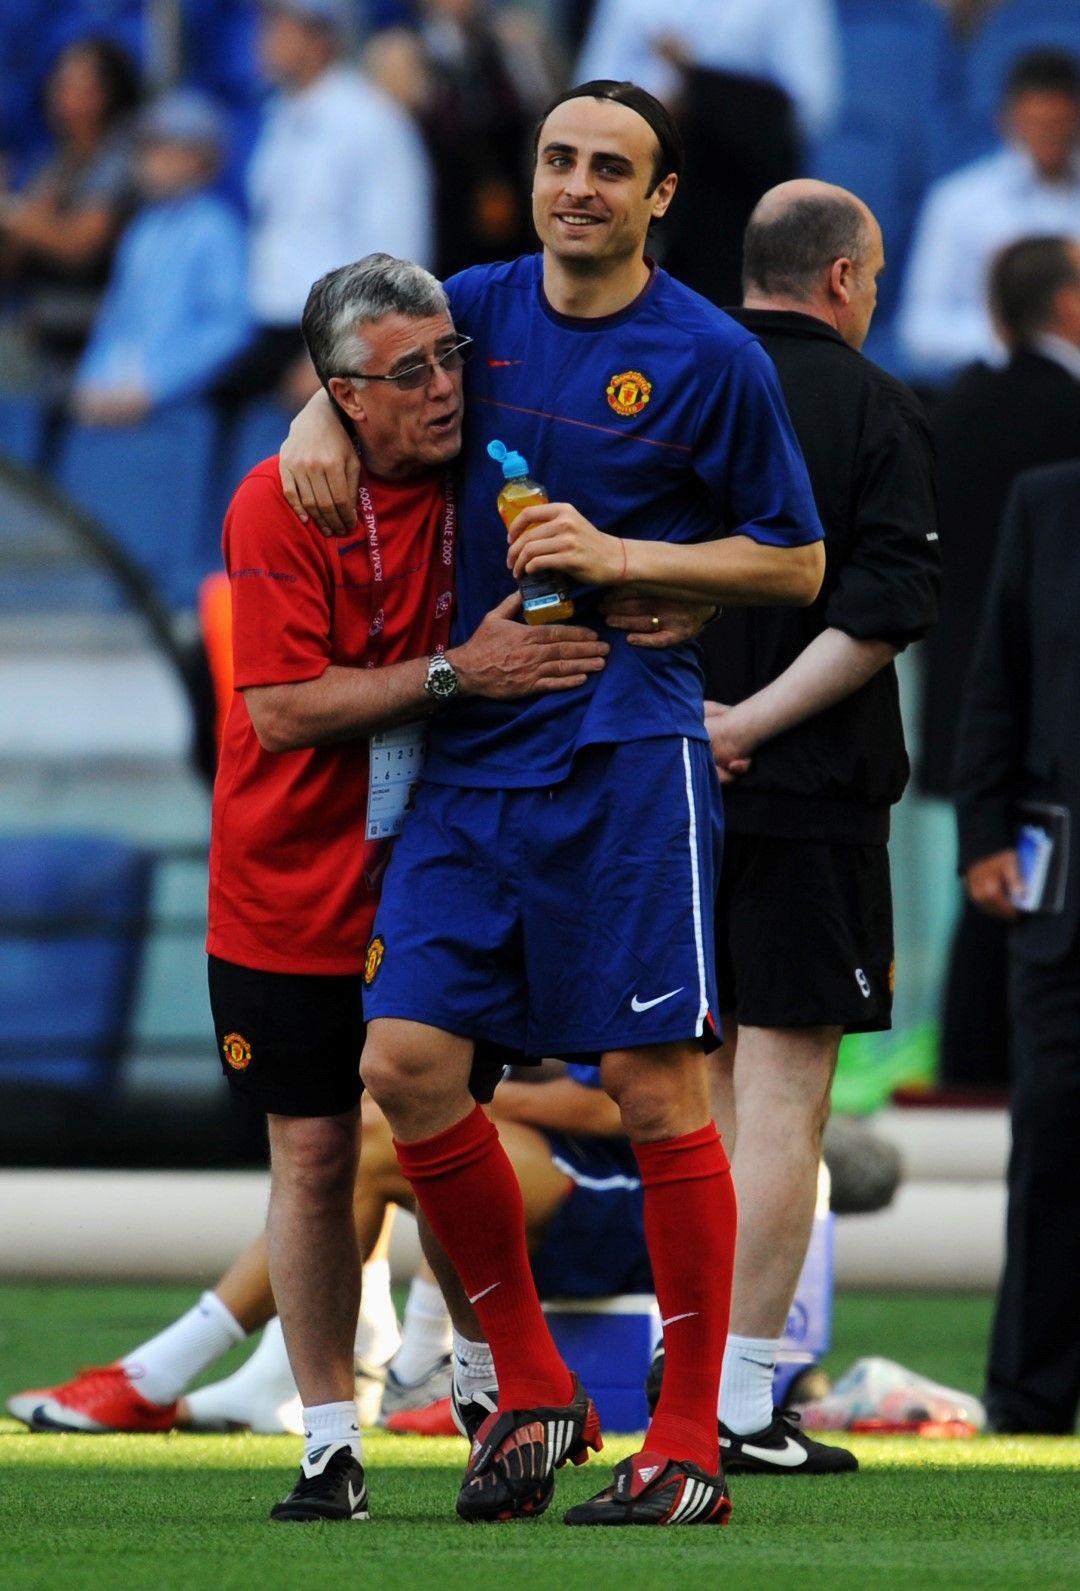 2009 г. Рим. Димитър Бербатов се забавлява на тренировката преди финала срещу Барселона.